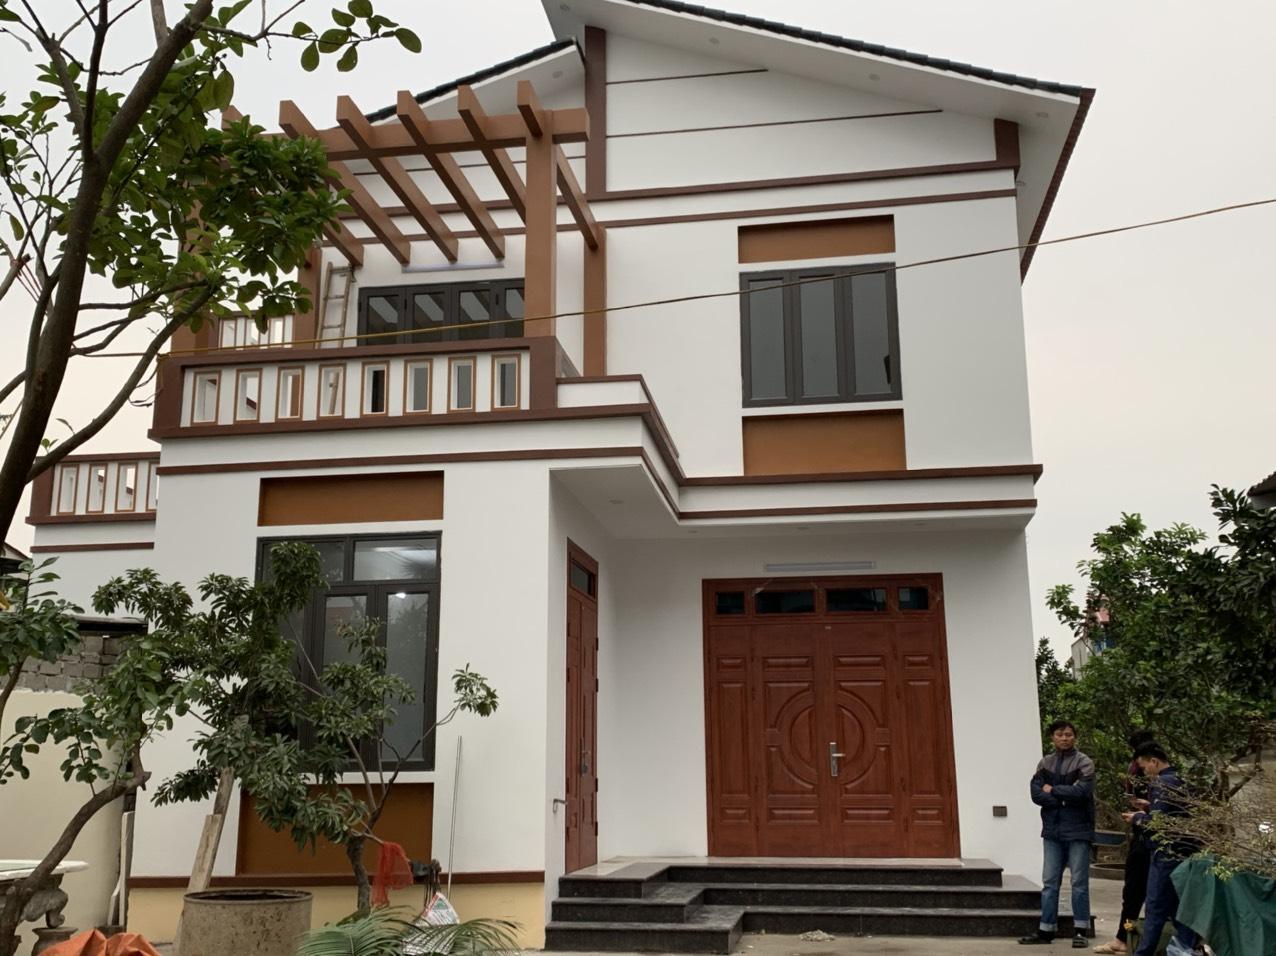 Lắp cửa thép vân gỗ cách âm mang đến không gian sống riêng tư cho gia đình